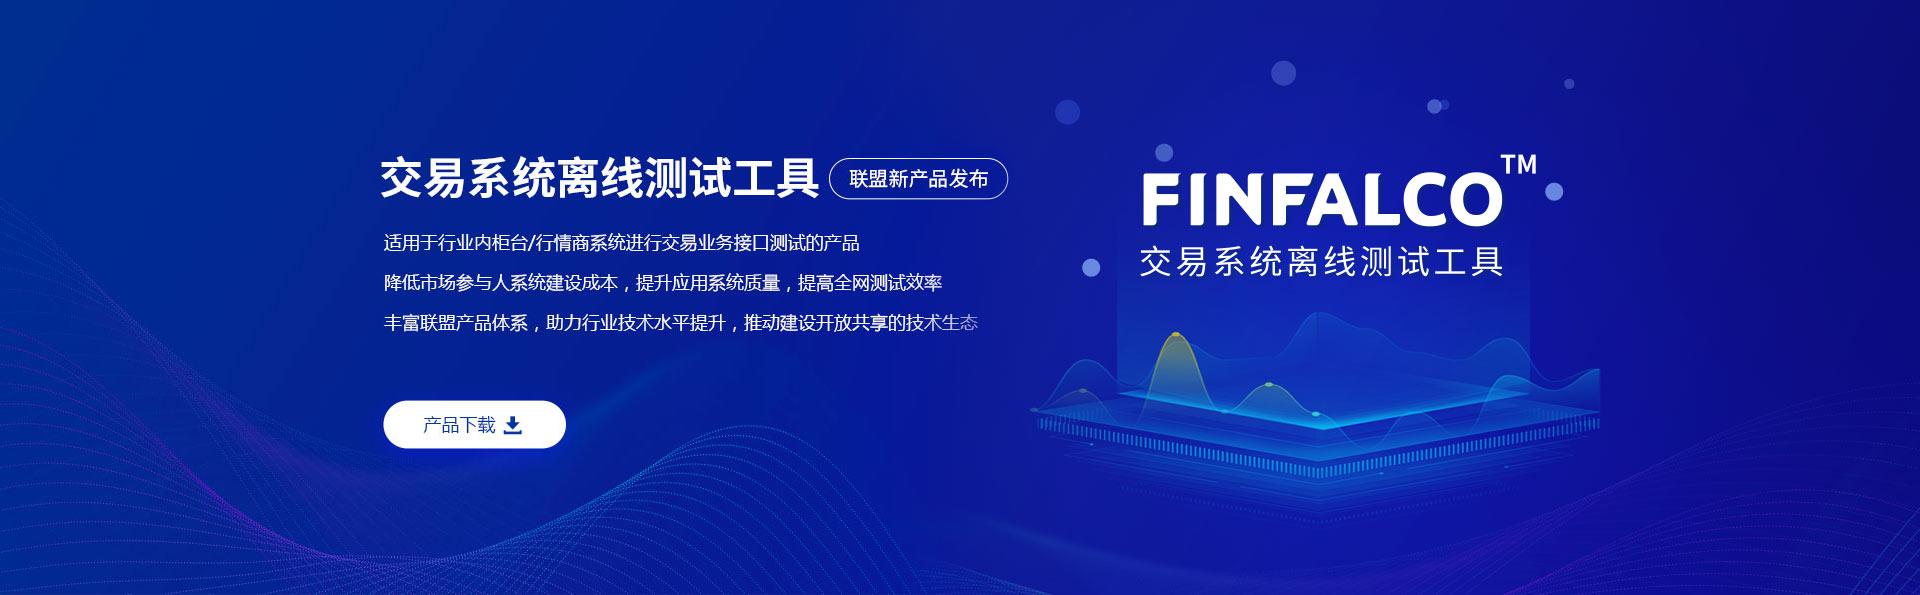 附件1:交易系统离线测试工具发布banner-PC端.jpg